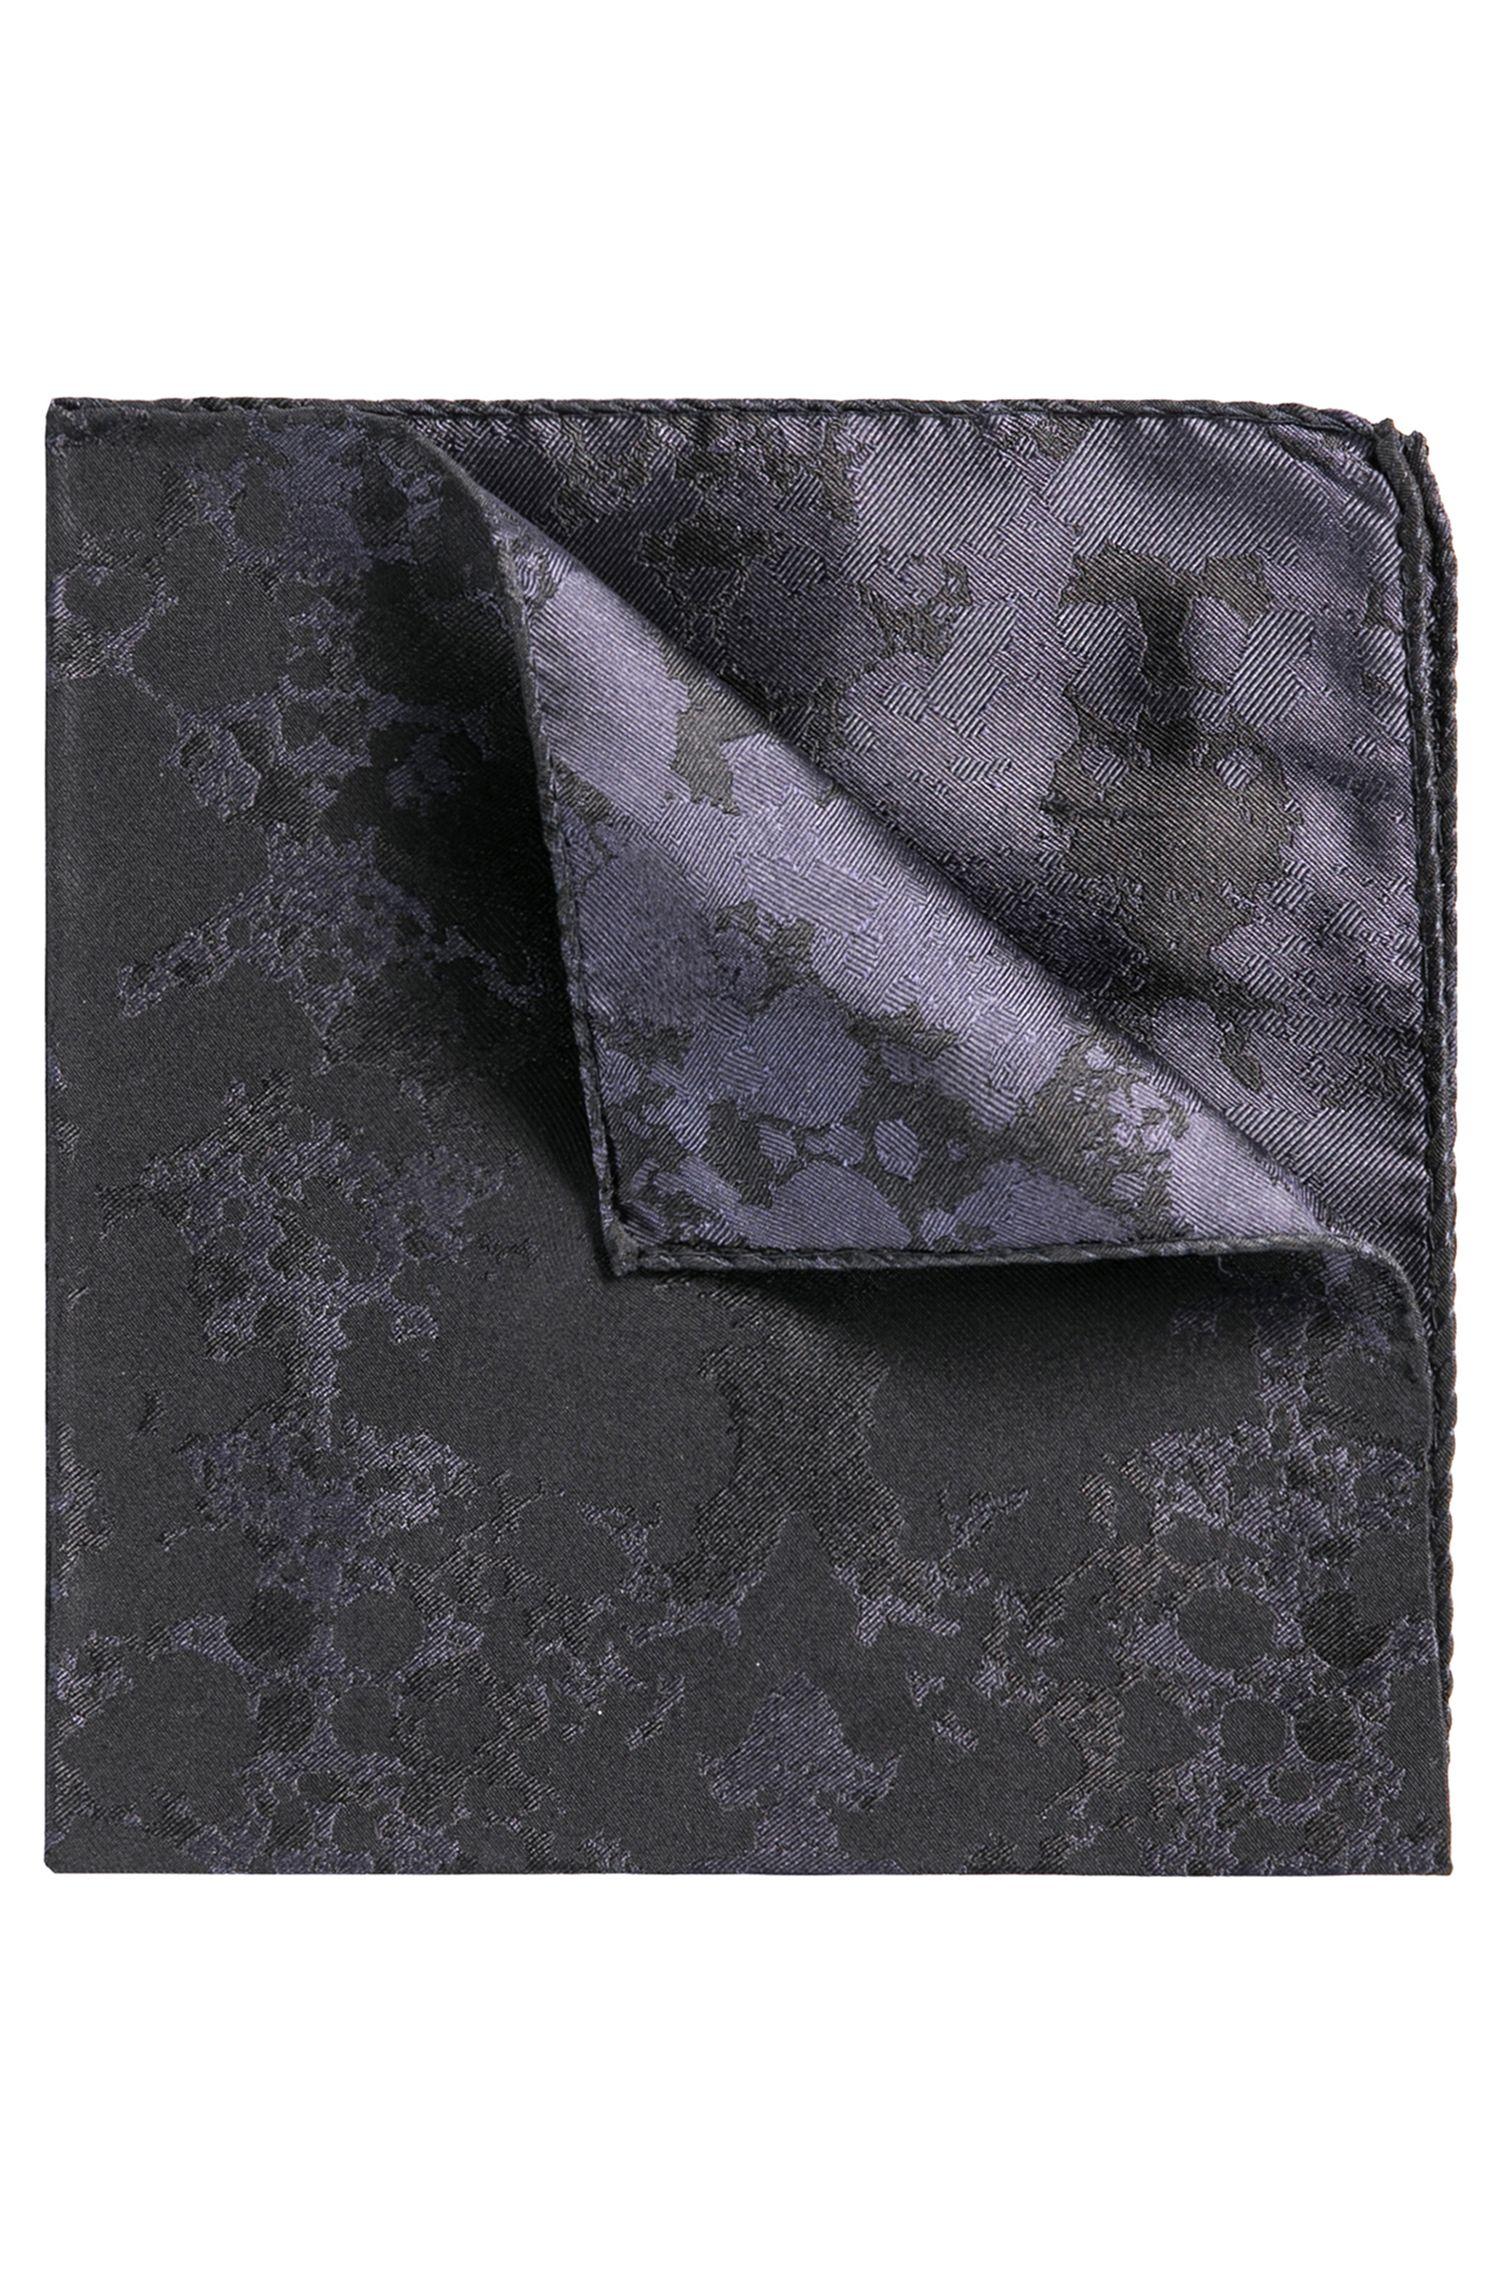 Einstecktuch aus Seiden-Jacquard mit Tintenklecks-Design